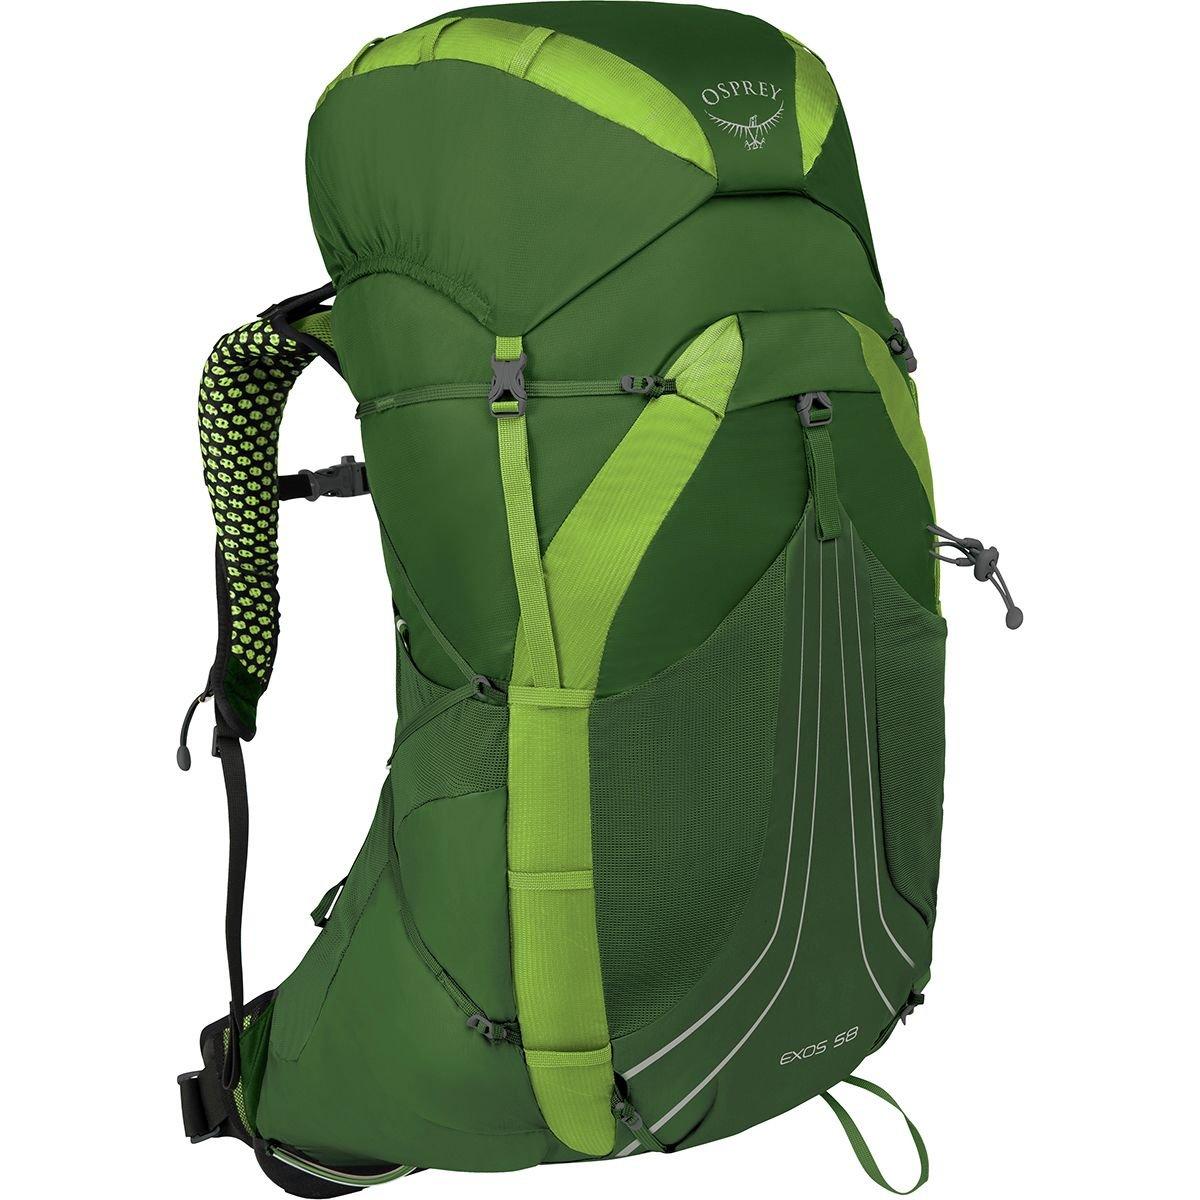 Osprey Packs Exos 58 Backpacking Pack